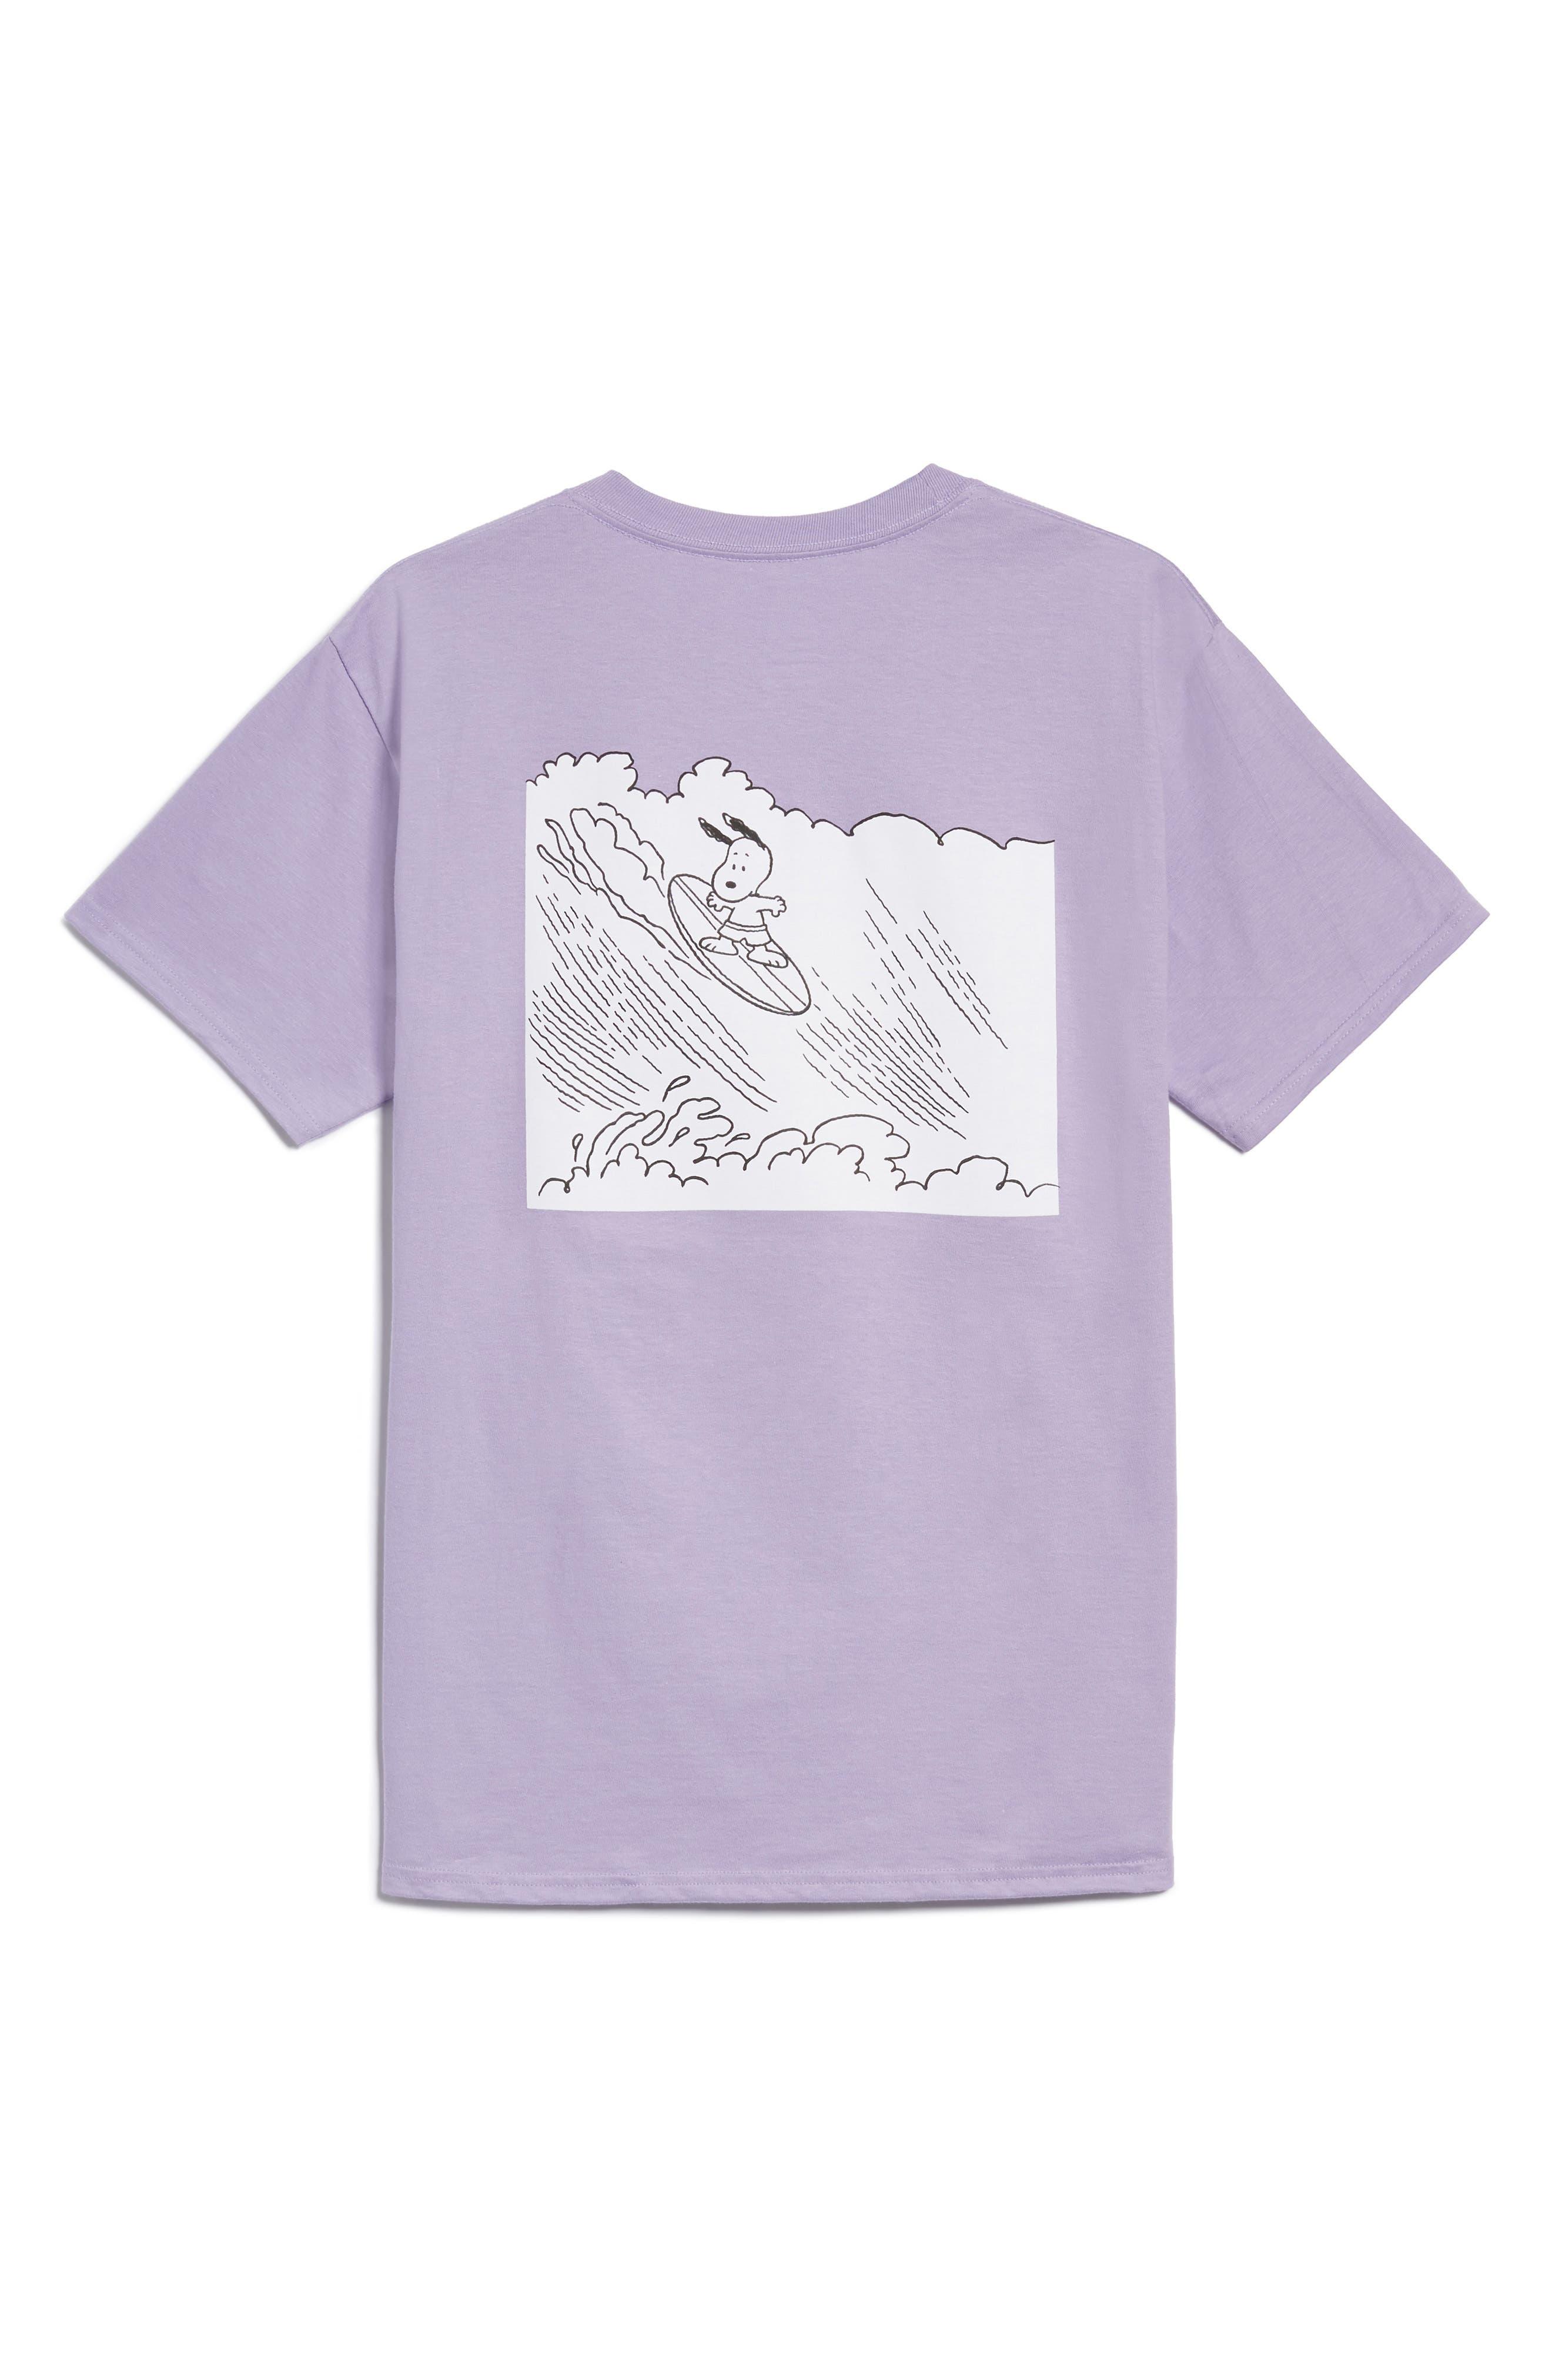 Peanuts Snoopy Surf T-Shirt